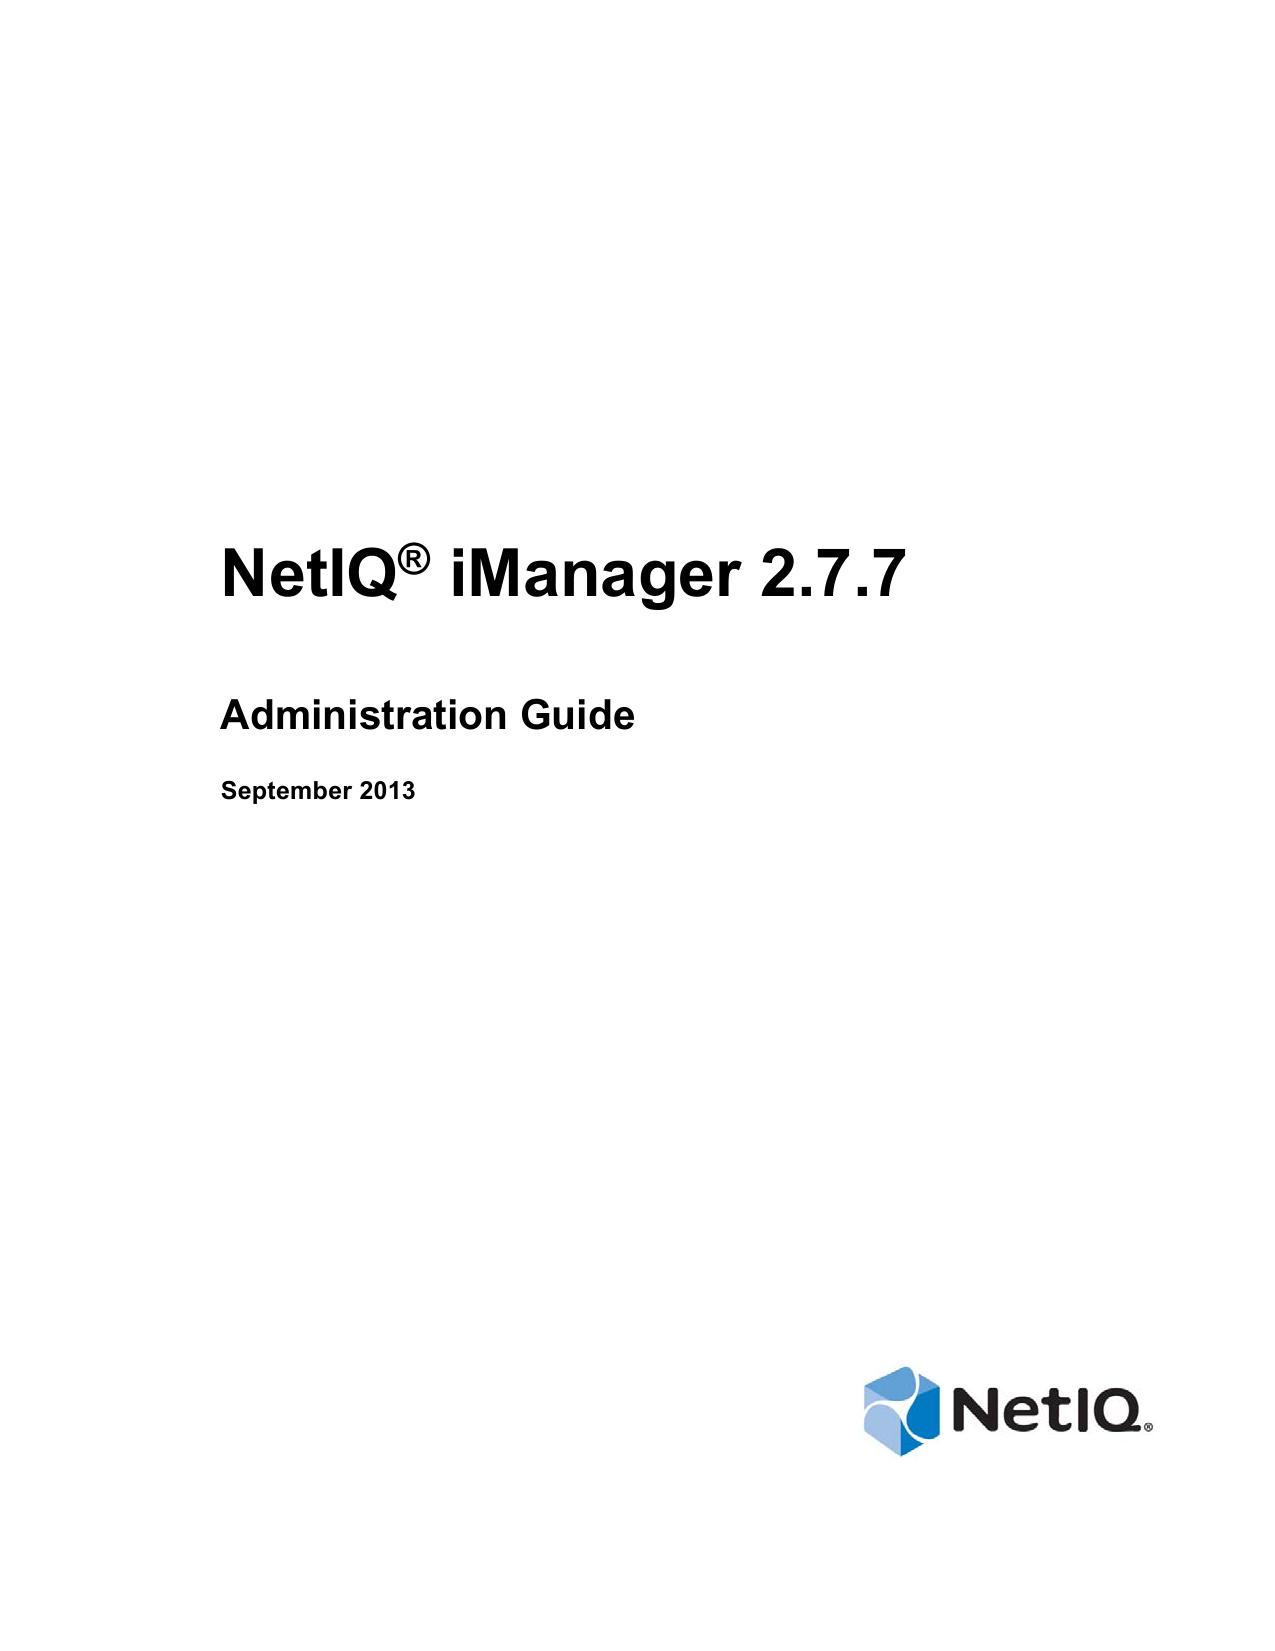 NetIQ iManager 2 7 7 ® Administration Guide | manualzz com